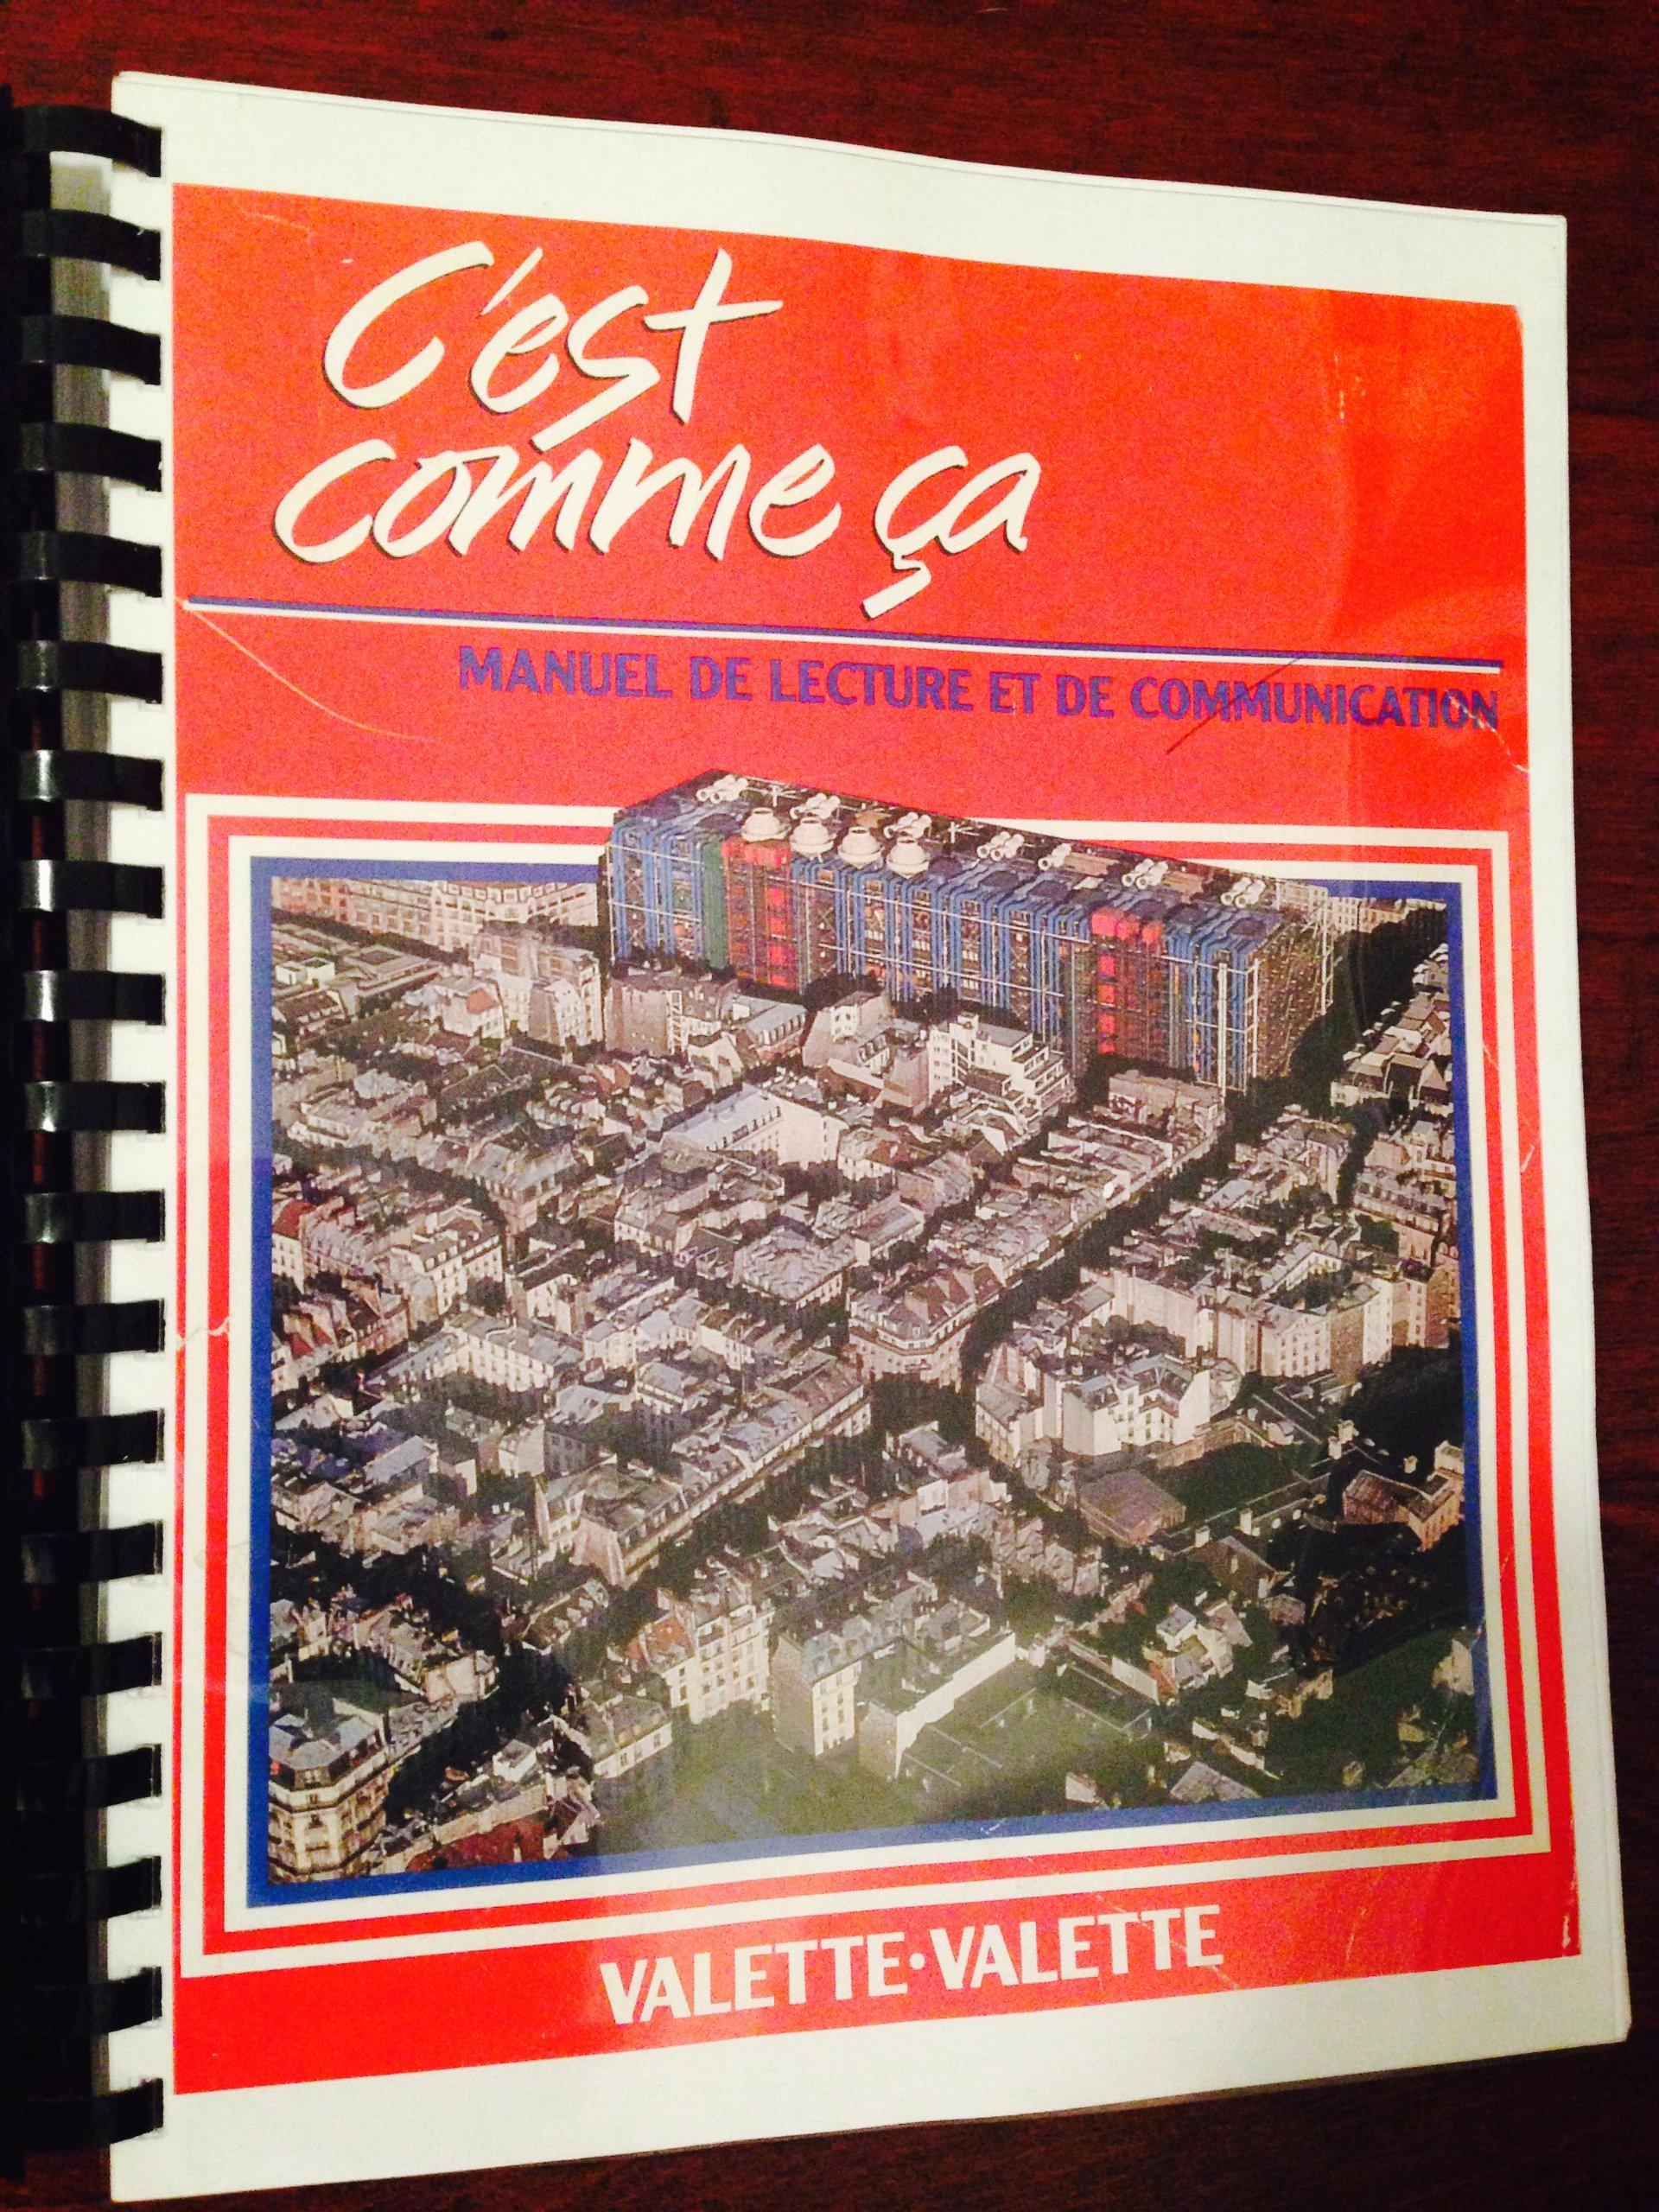 C'est comme ça written by J. Valette,R Valette